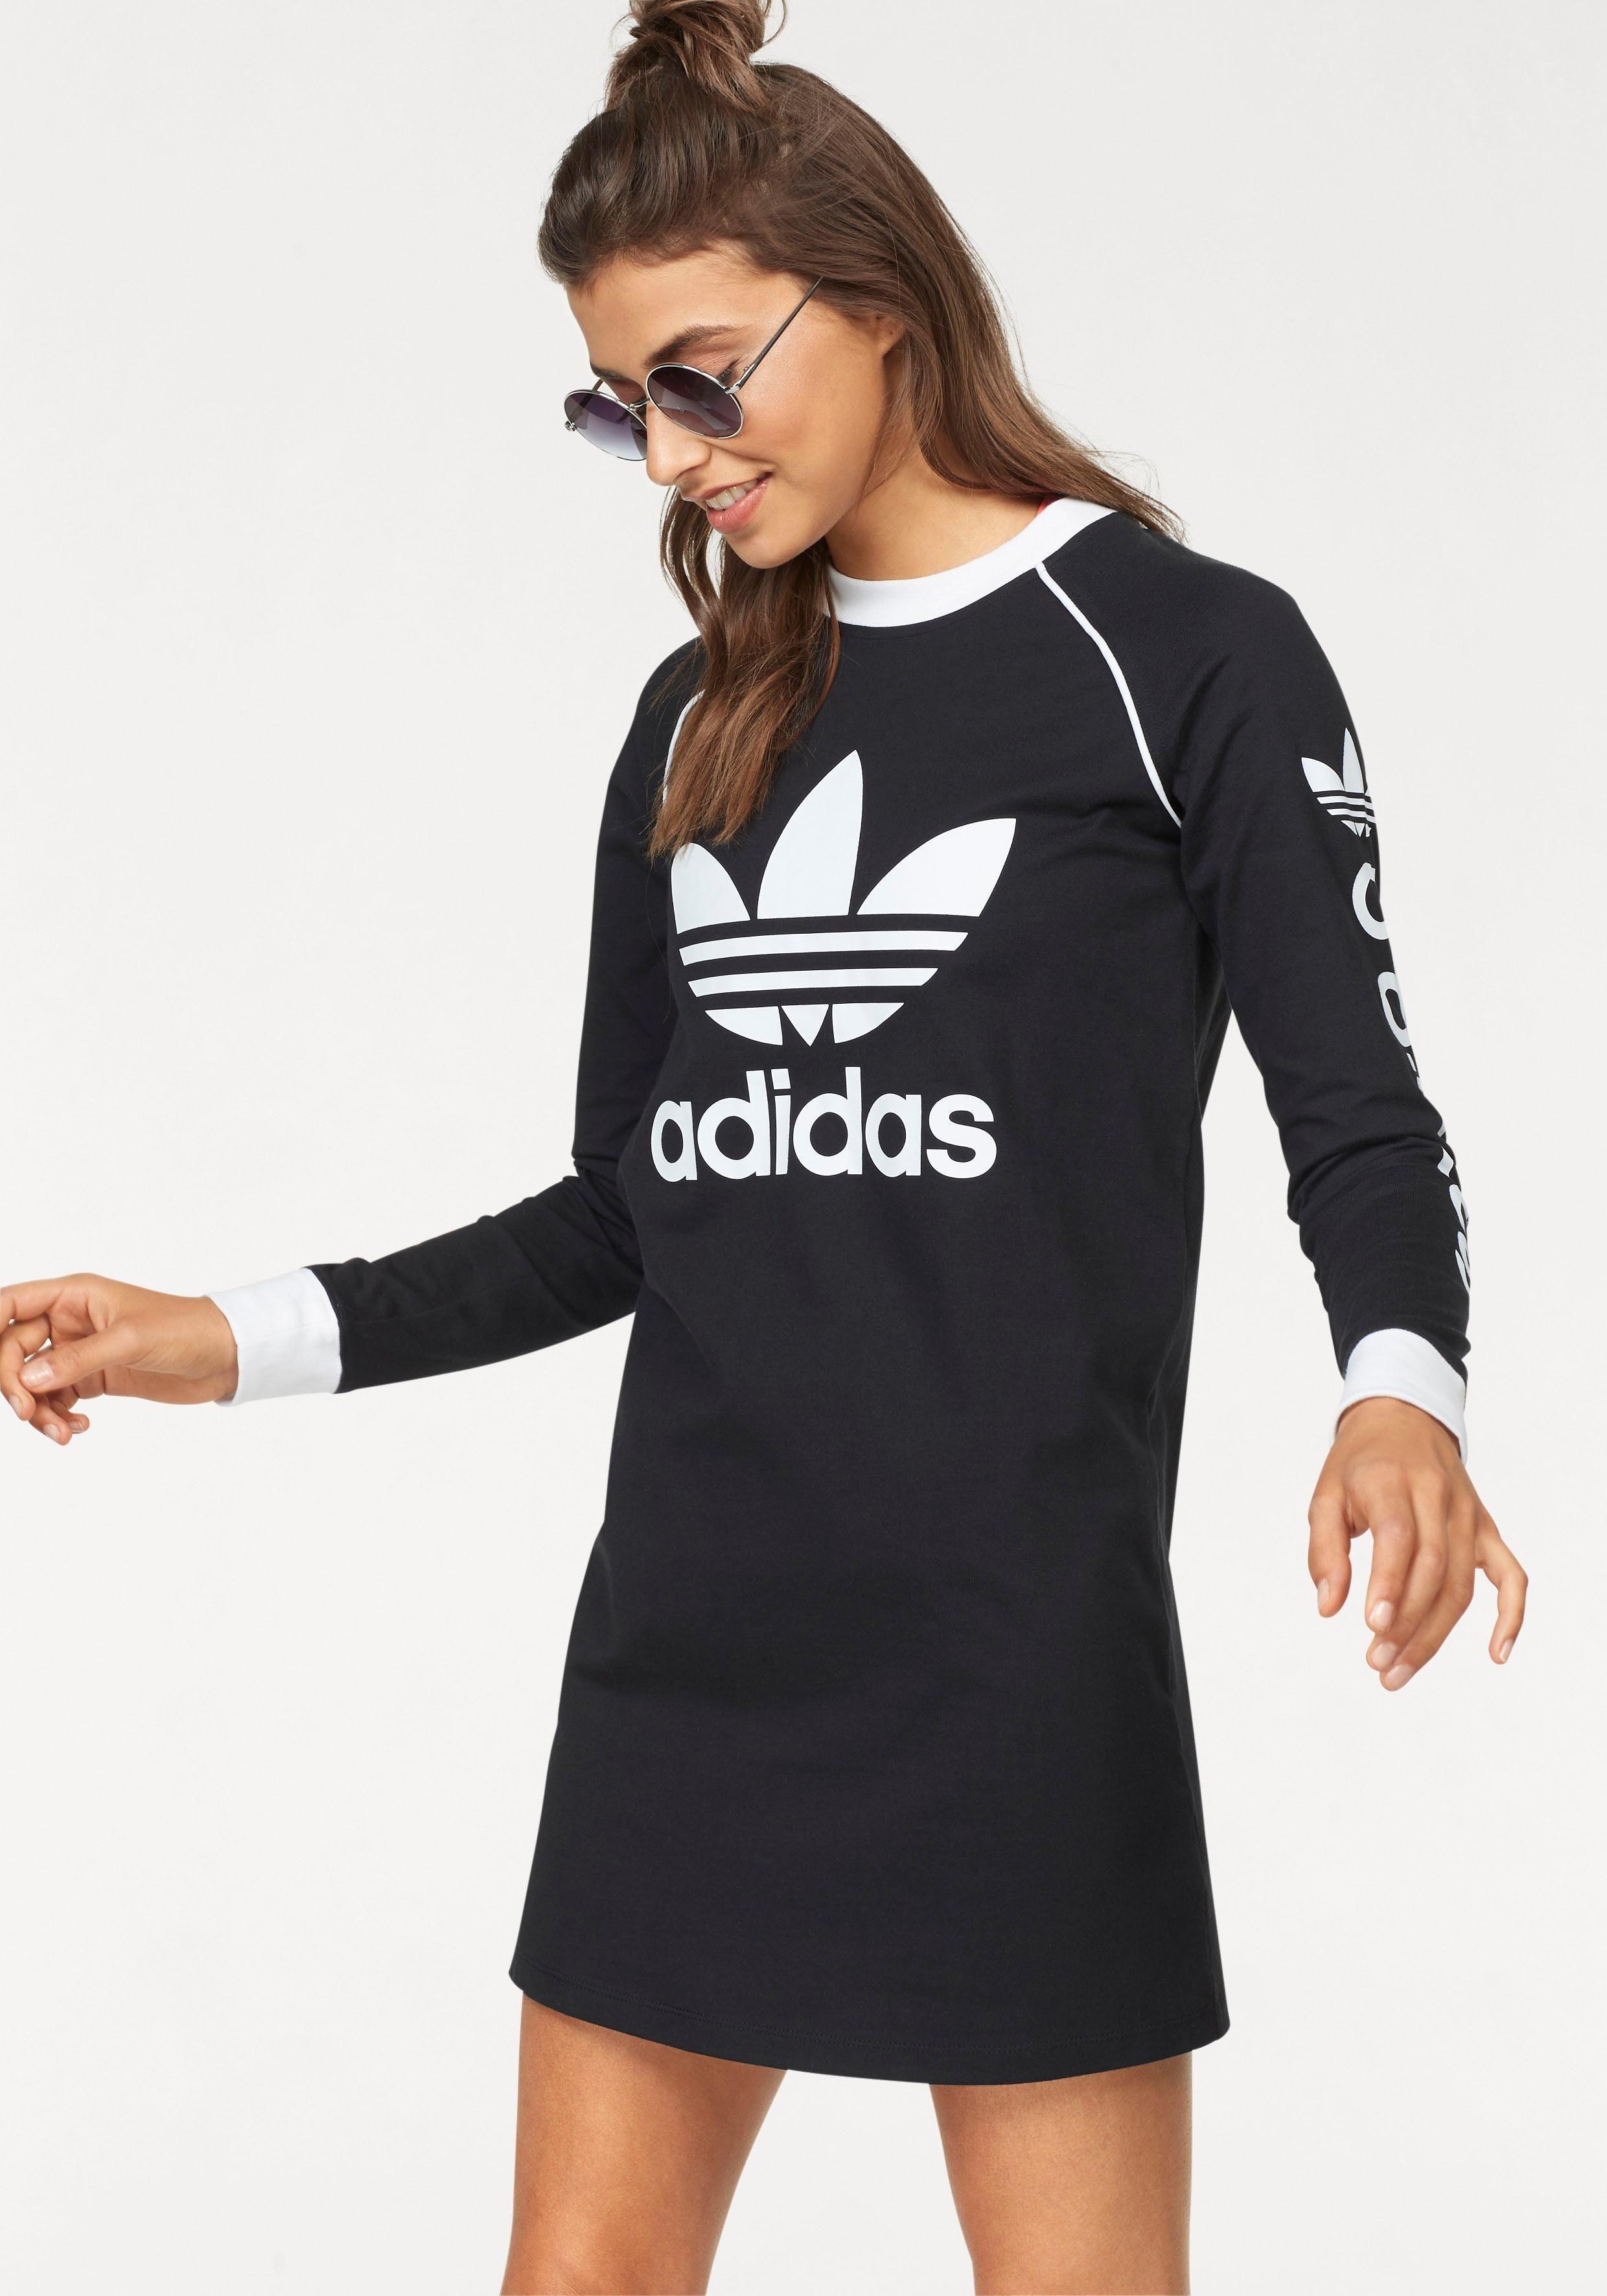 adidas Originals Jerseykleid »DRESS«, Jerseykleid von adidas Originals online kaufen | OTTO